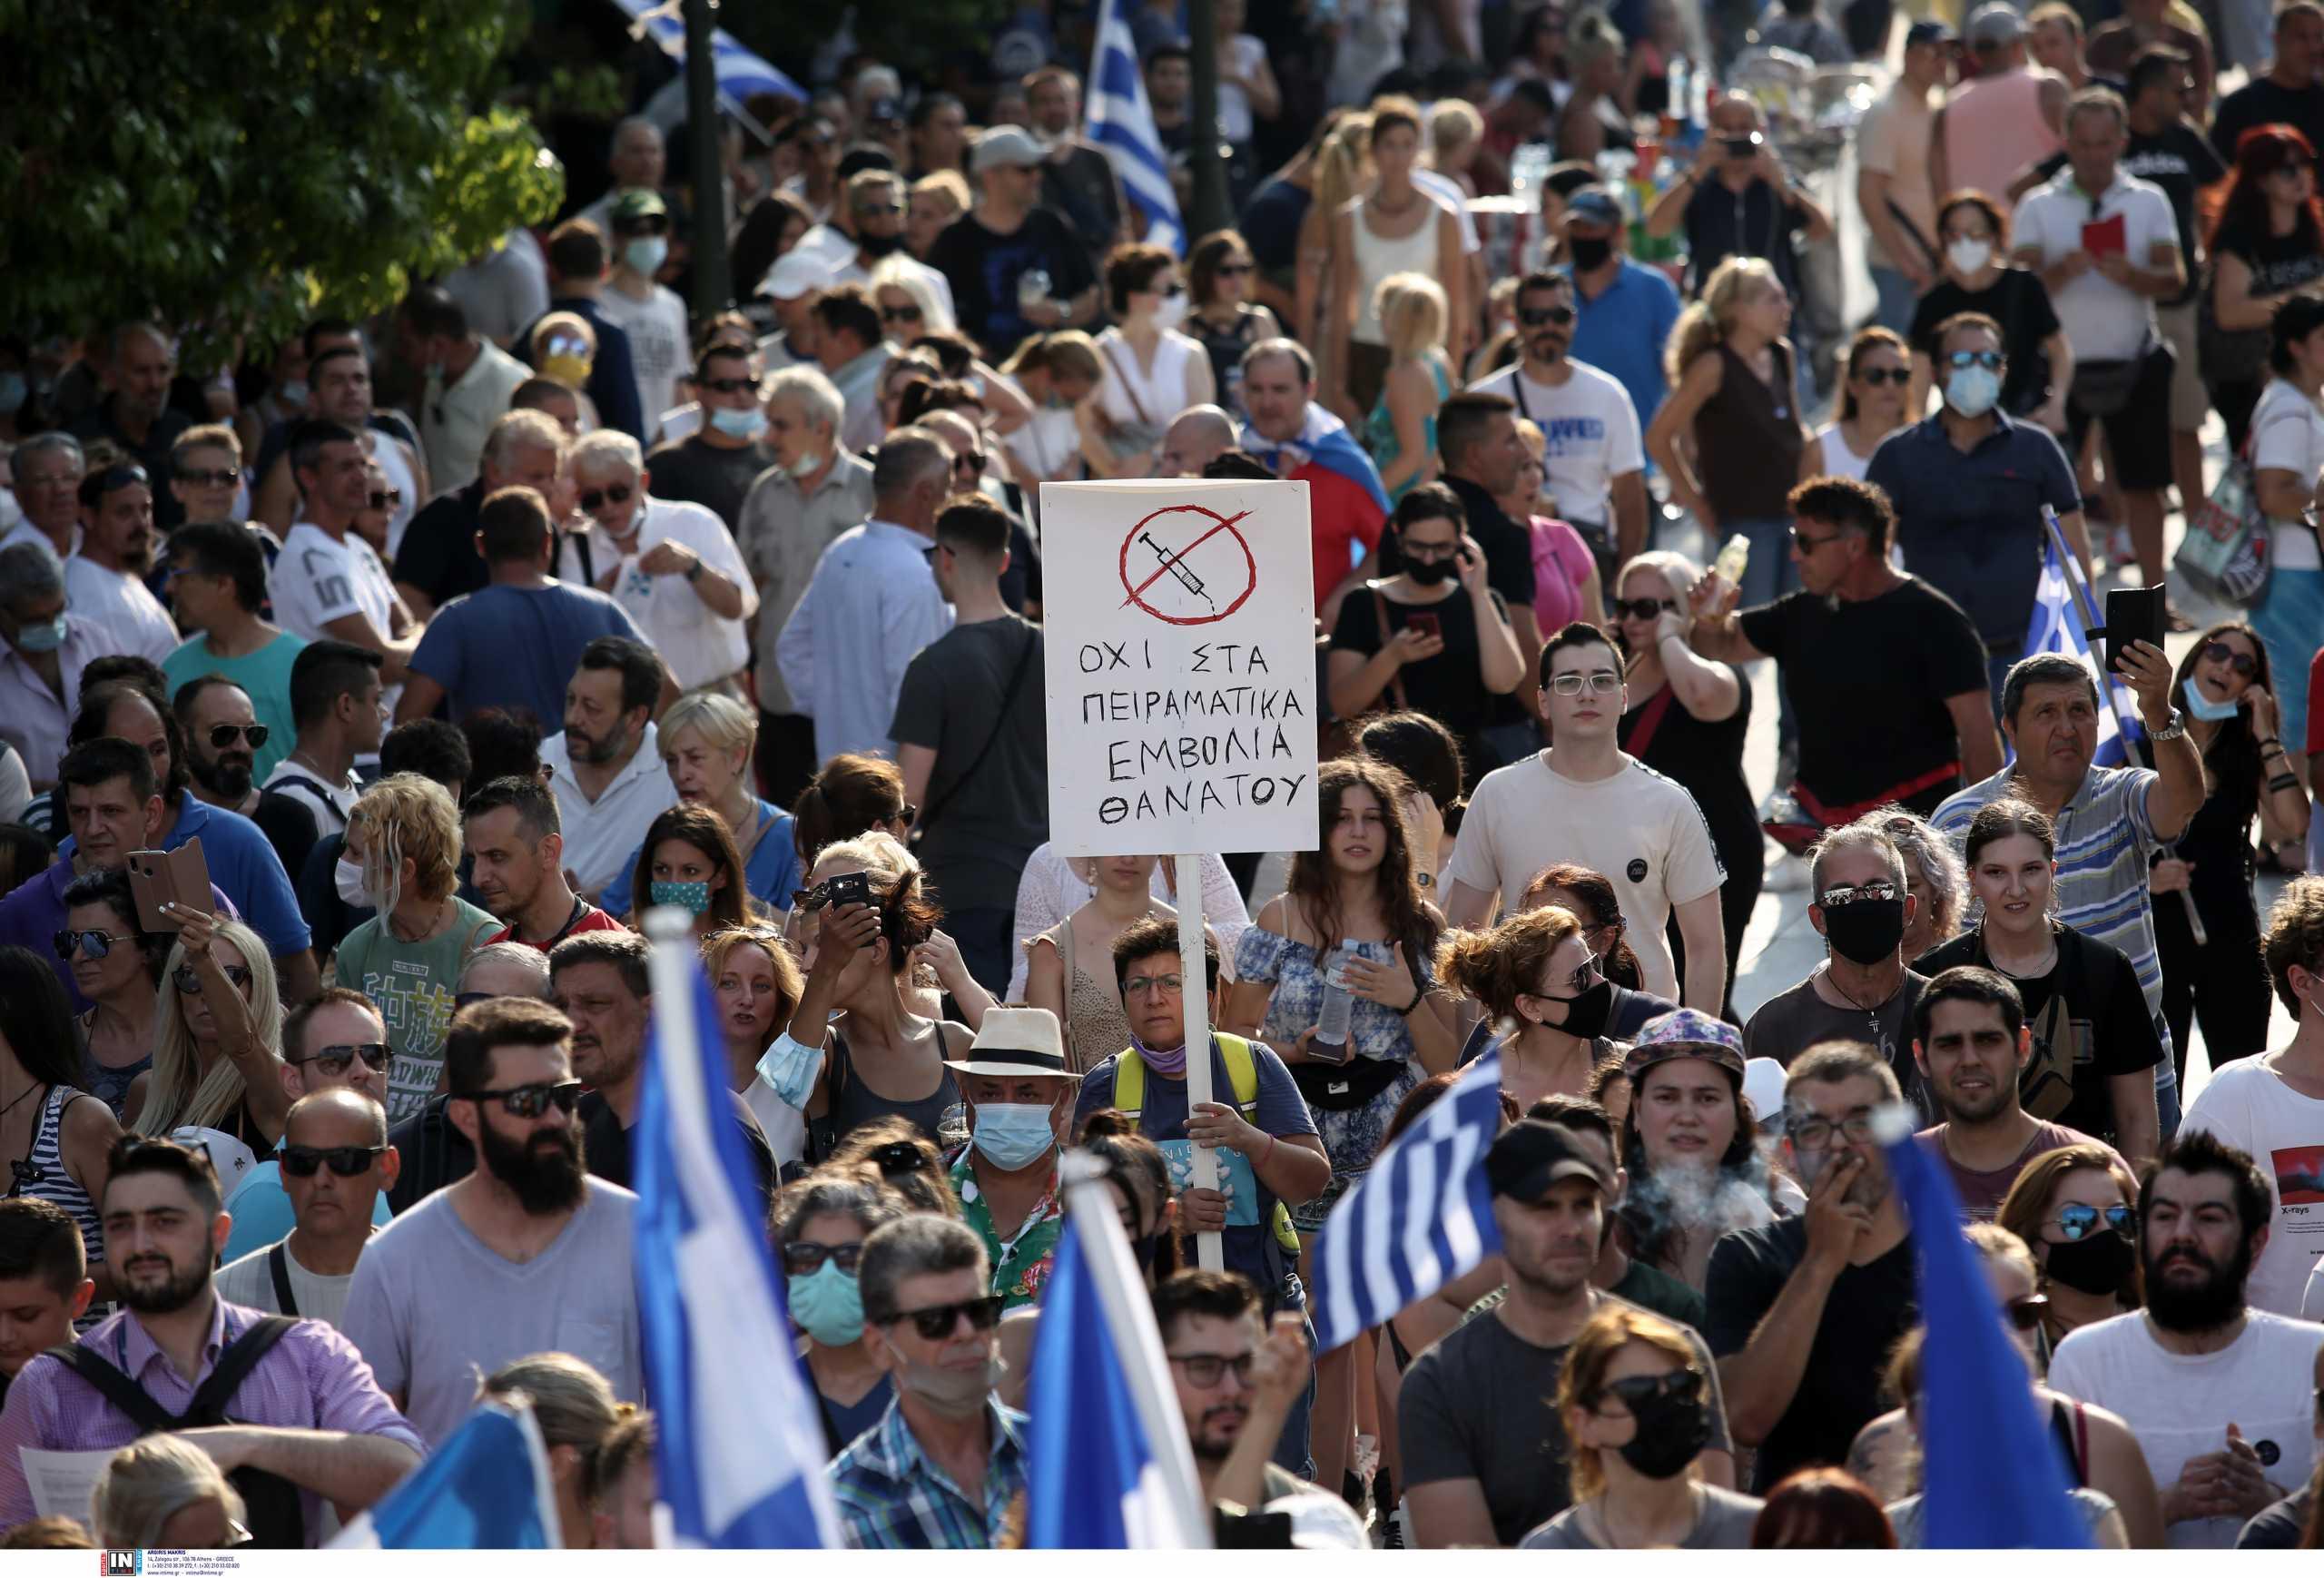 Κορονοϊός: «Επίθεση» των δικηγορικών συλλόγων σε νομικούς που αναλαμβάνουν αρνητές και αντιεμβολιαστές